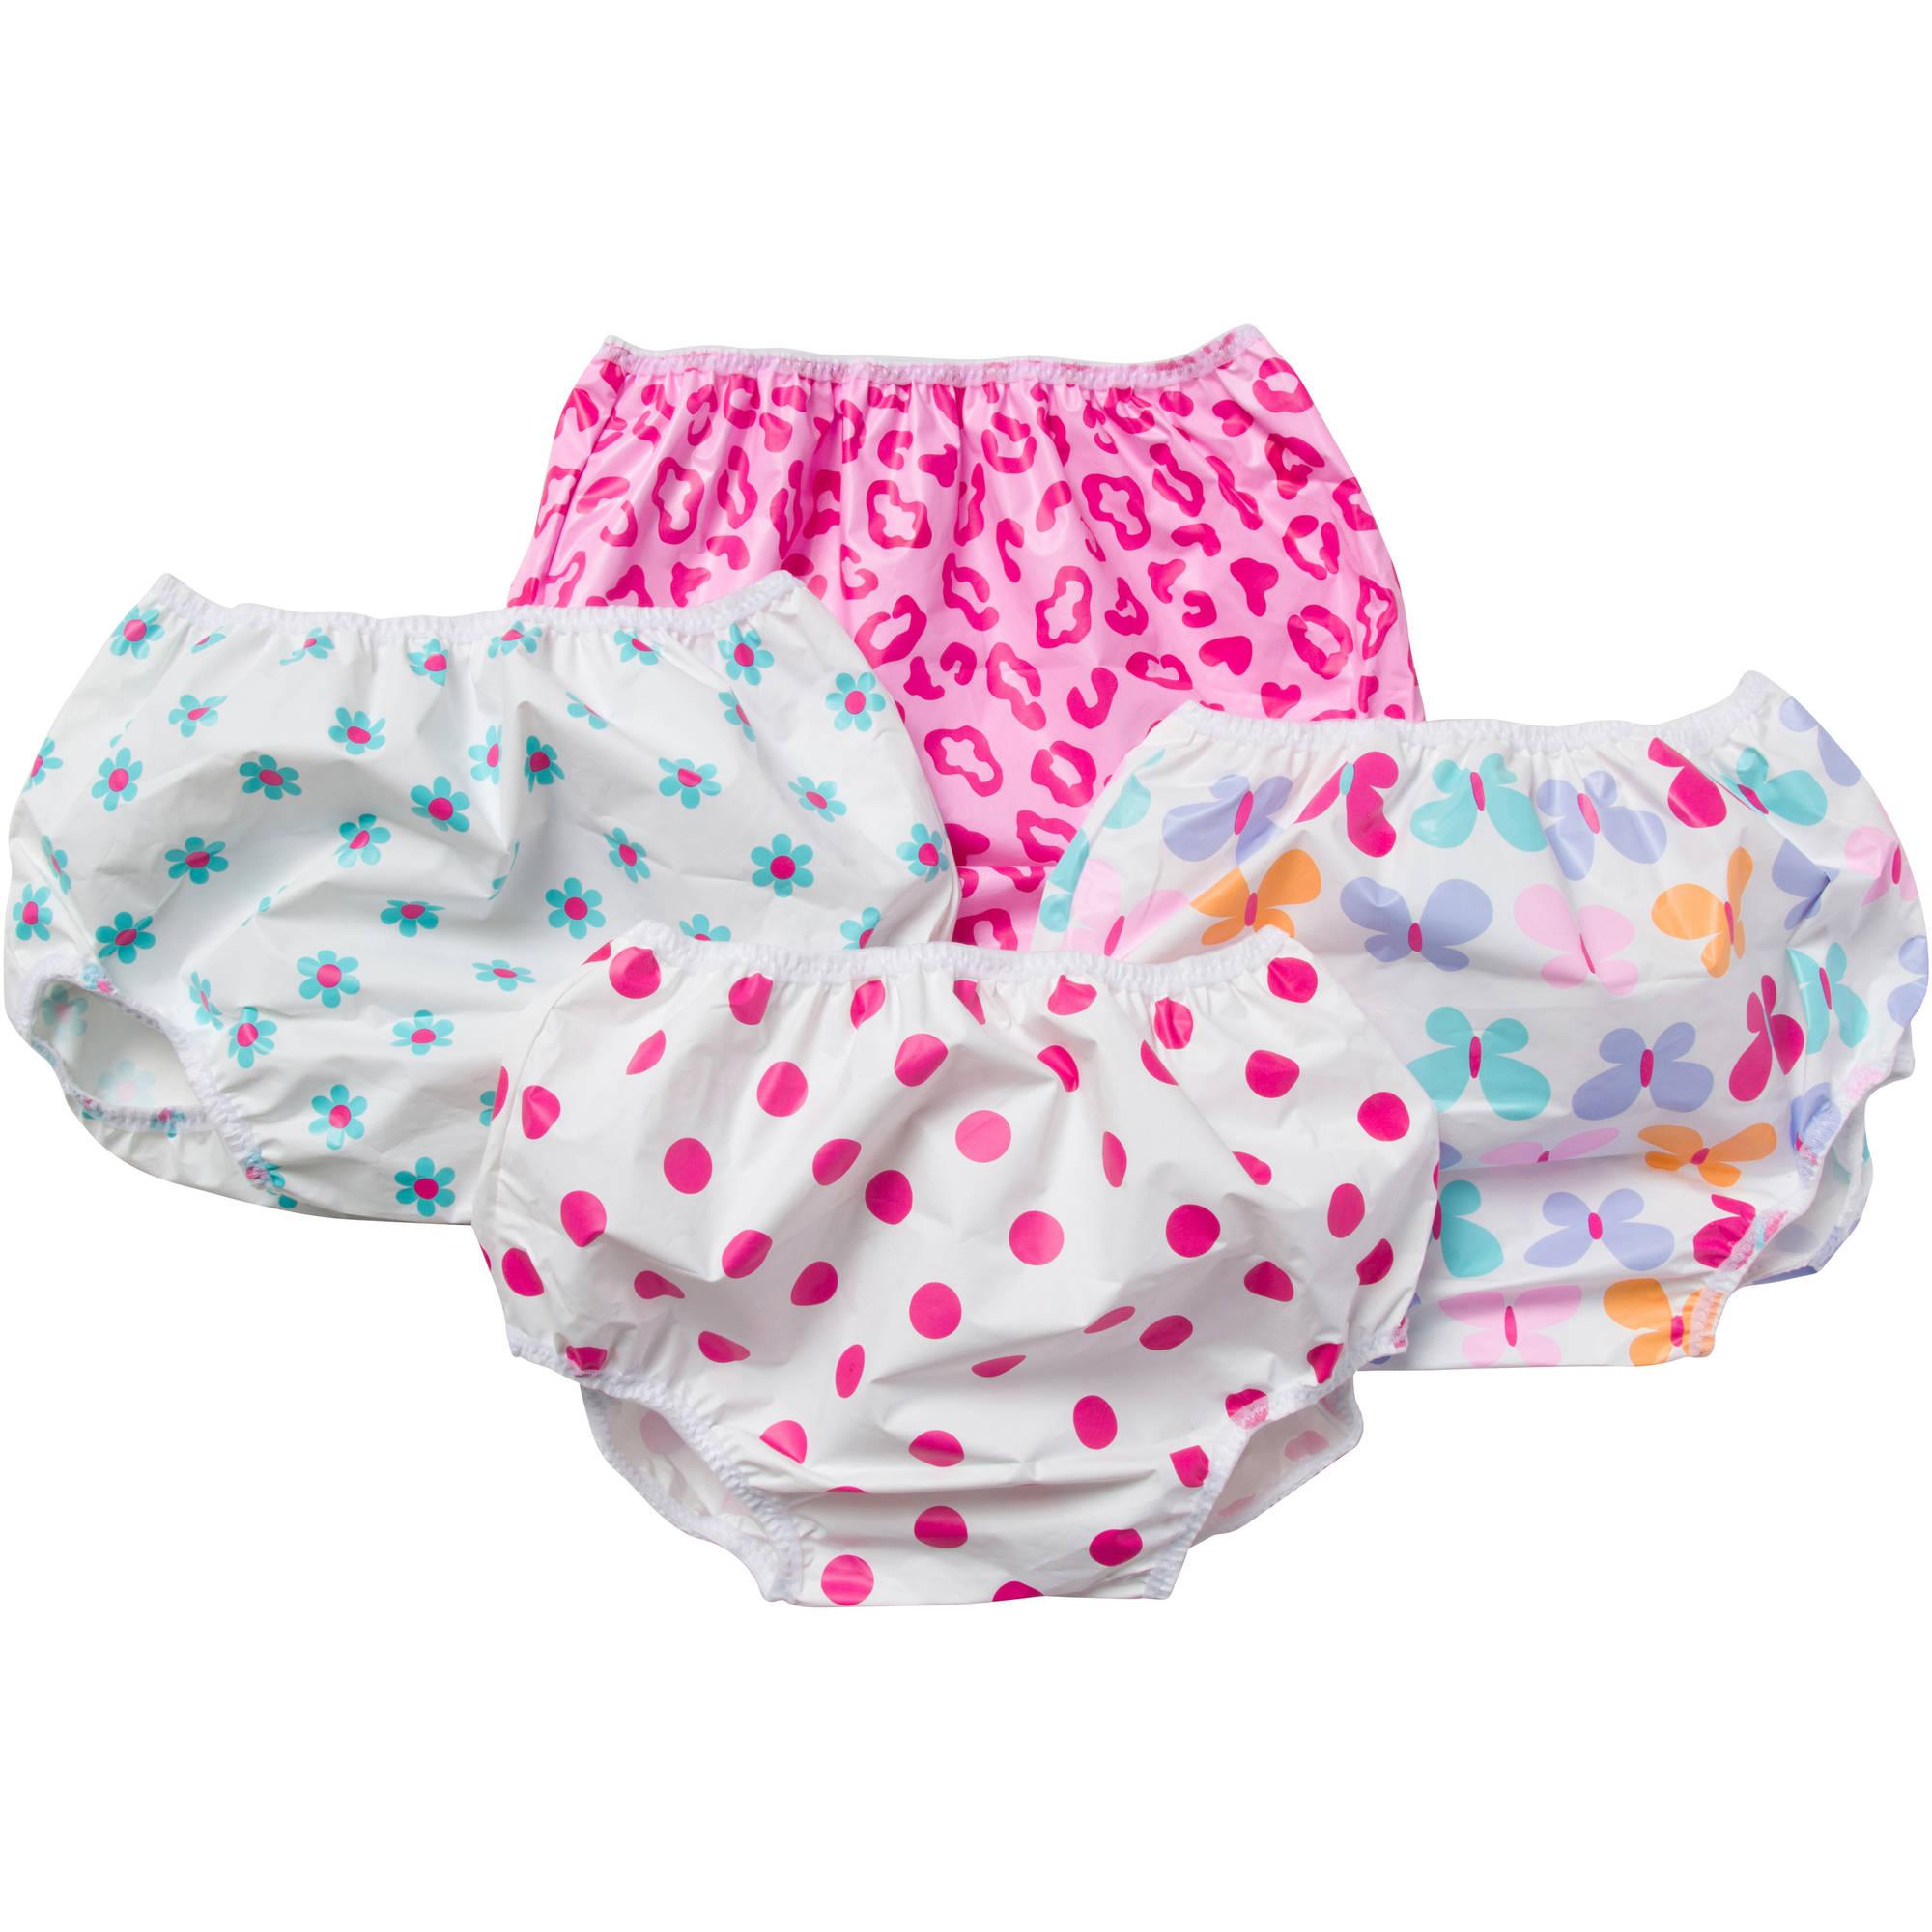 Gerber Baby Toddler Girl Pink Waterproof Pants - 4 Pack